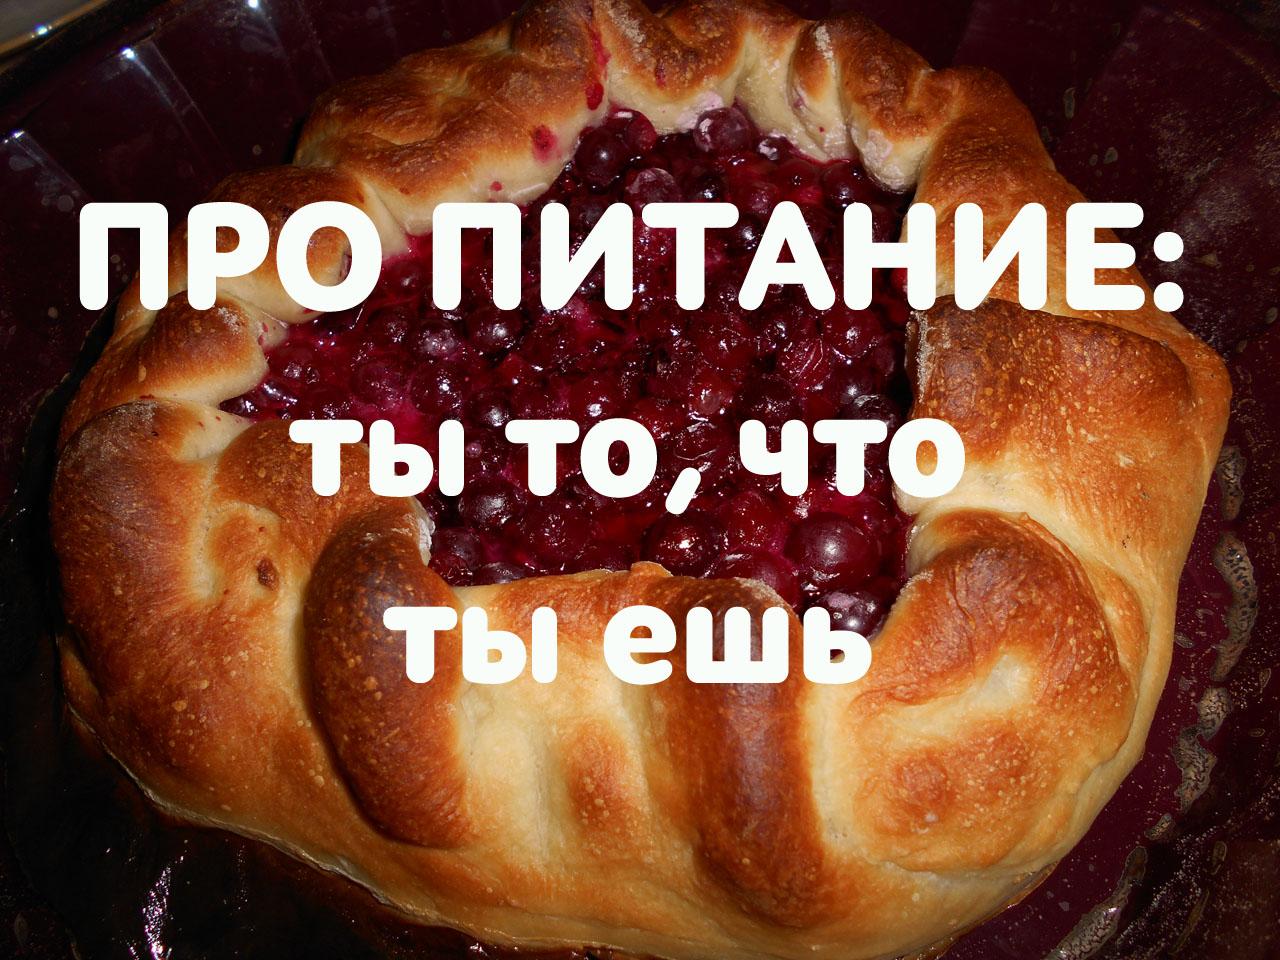 Кухновец Виктор Фаршированная щука. А знаете, почему я не забыл этот рецепт?